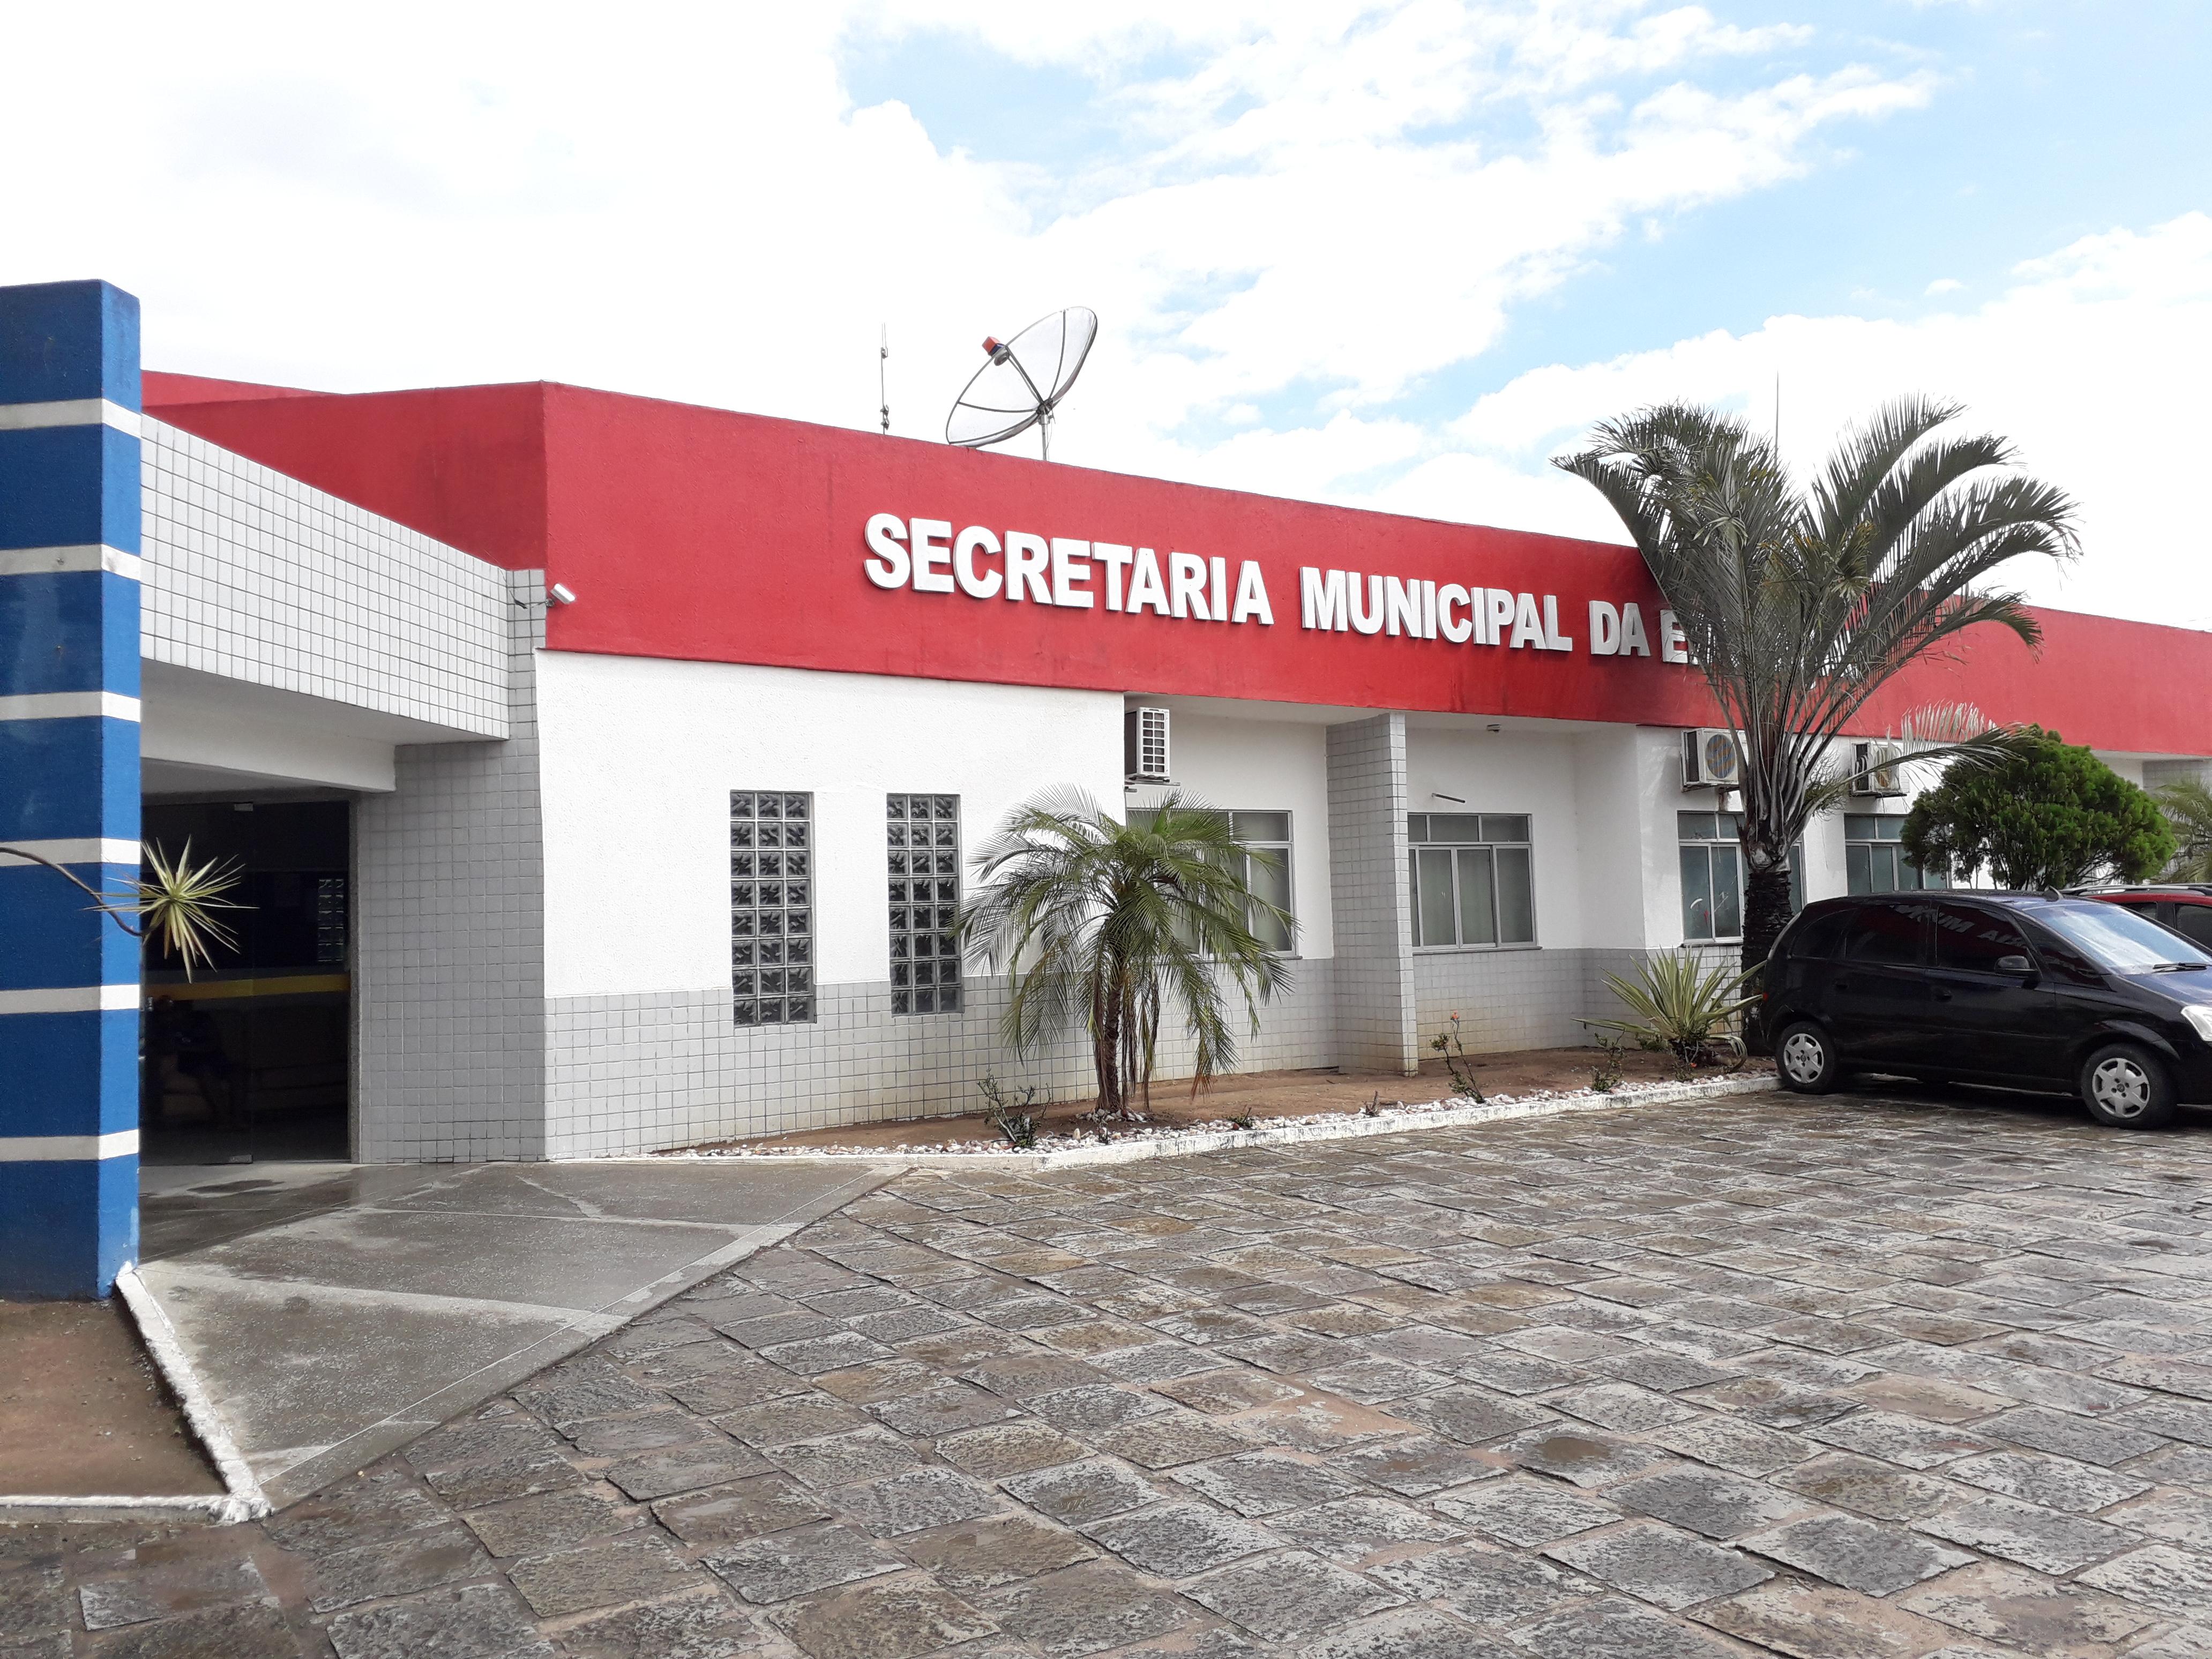 Santo Estêvão: Prefeitura divulga resultado parcial do REDA da SEDUC